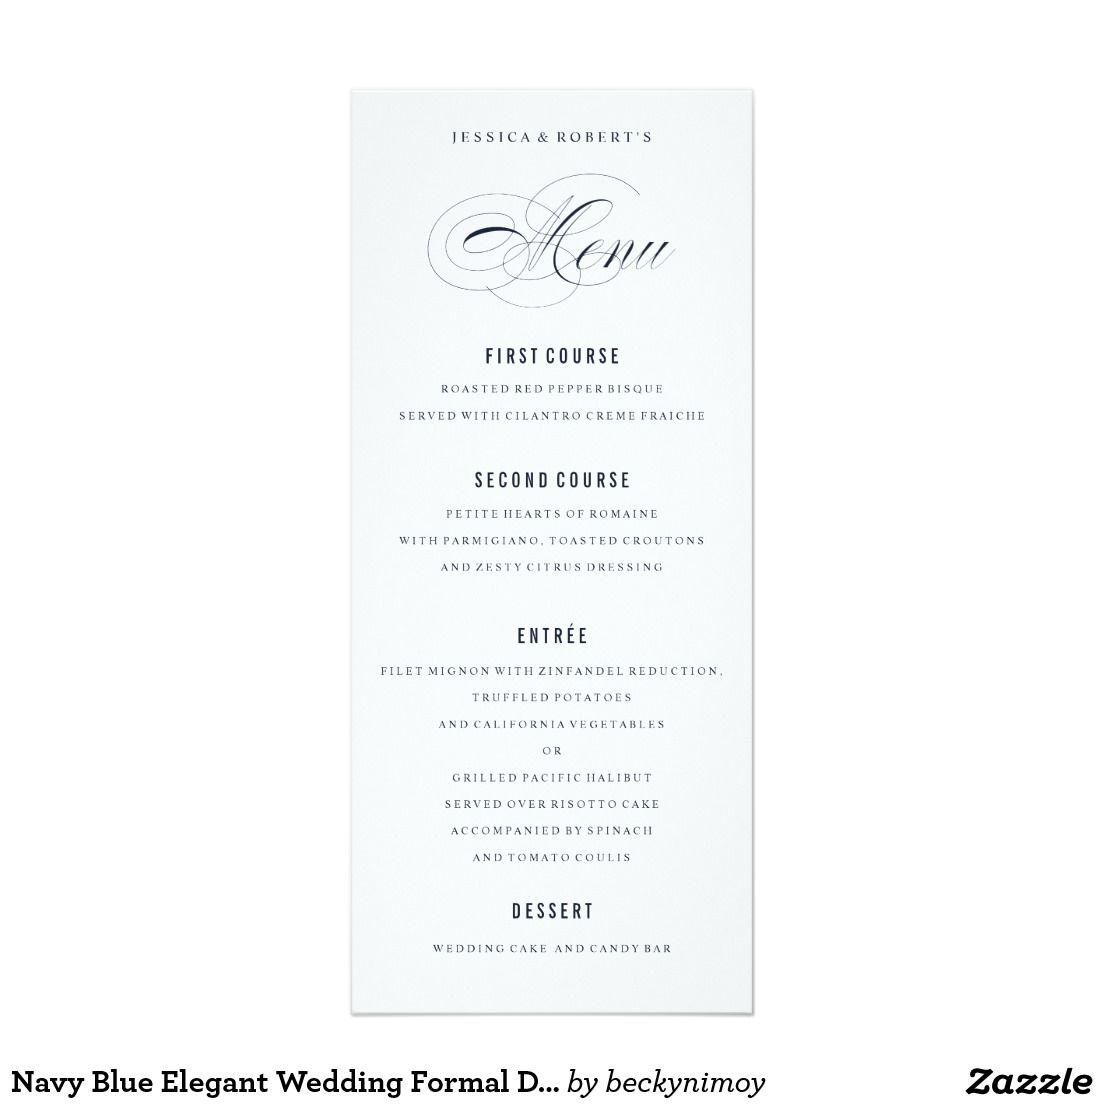 Navy blue elegant wedding formal dinner menu card formal dinner navy blue elegant wedding formal dinner menu 4x925 paper invitation card stopboris Gallery